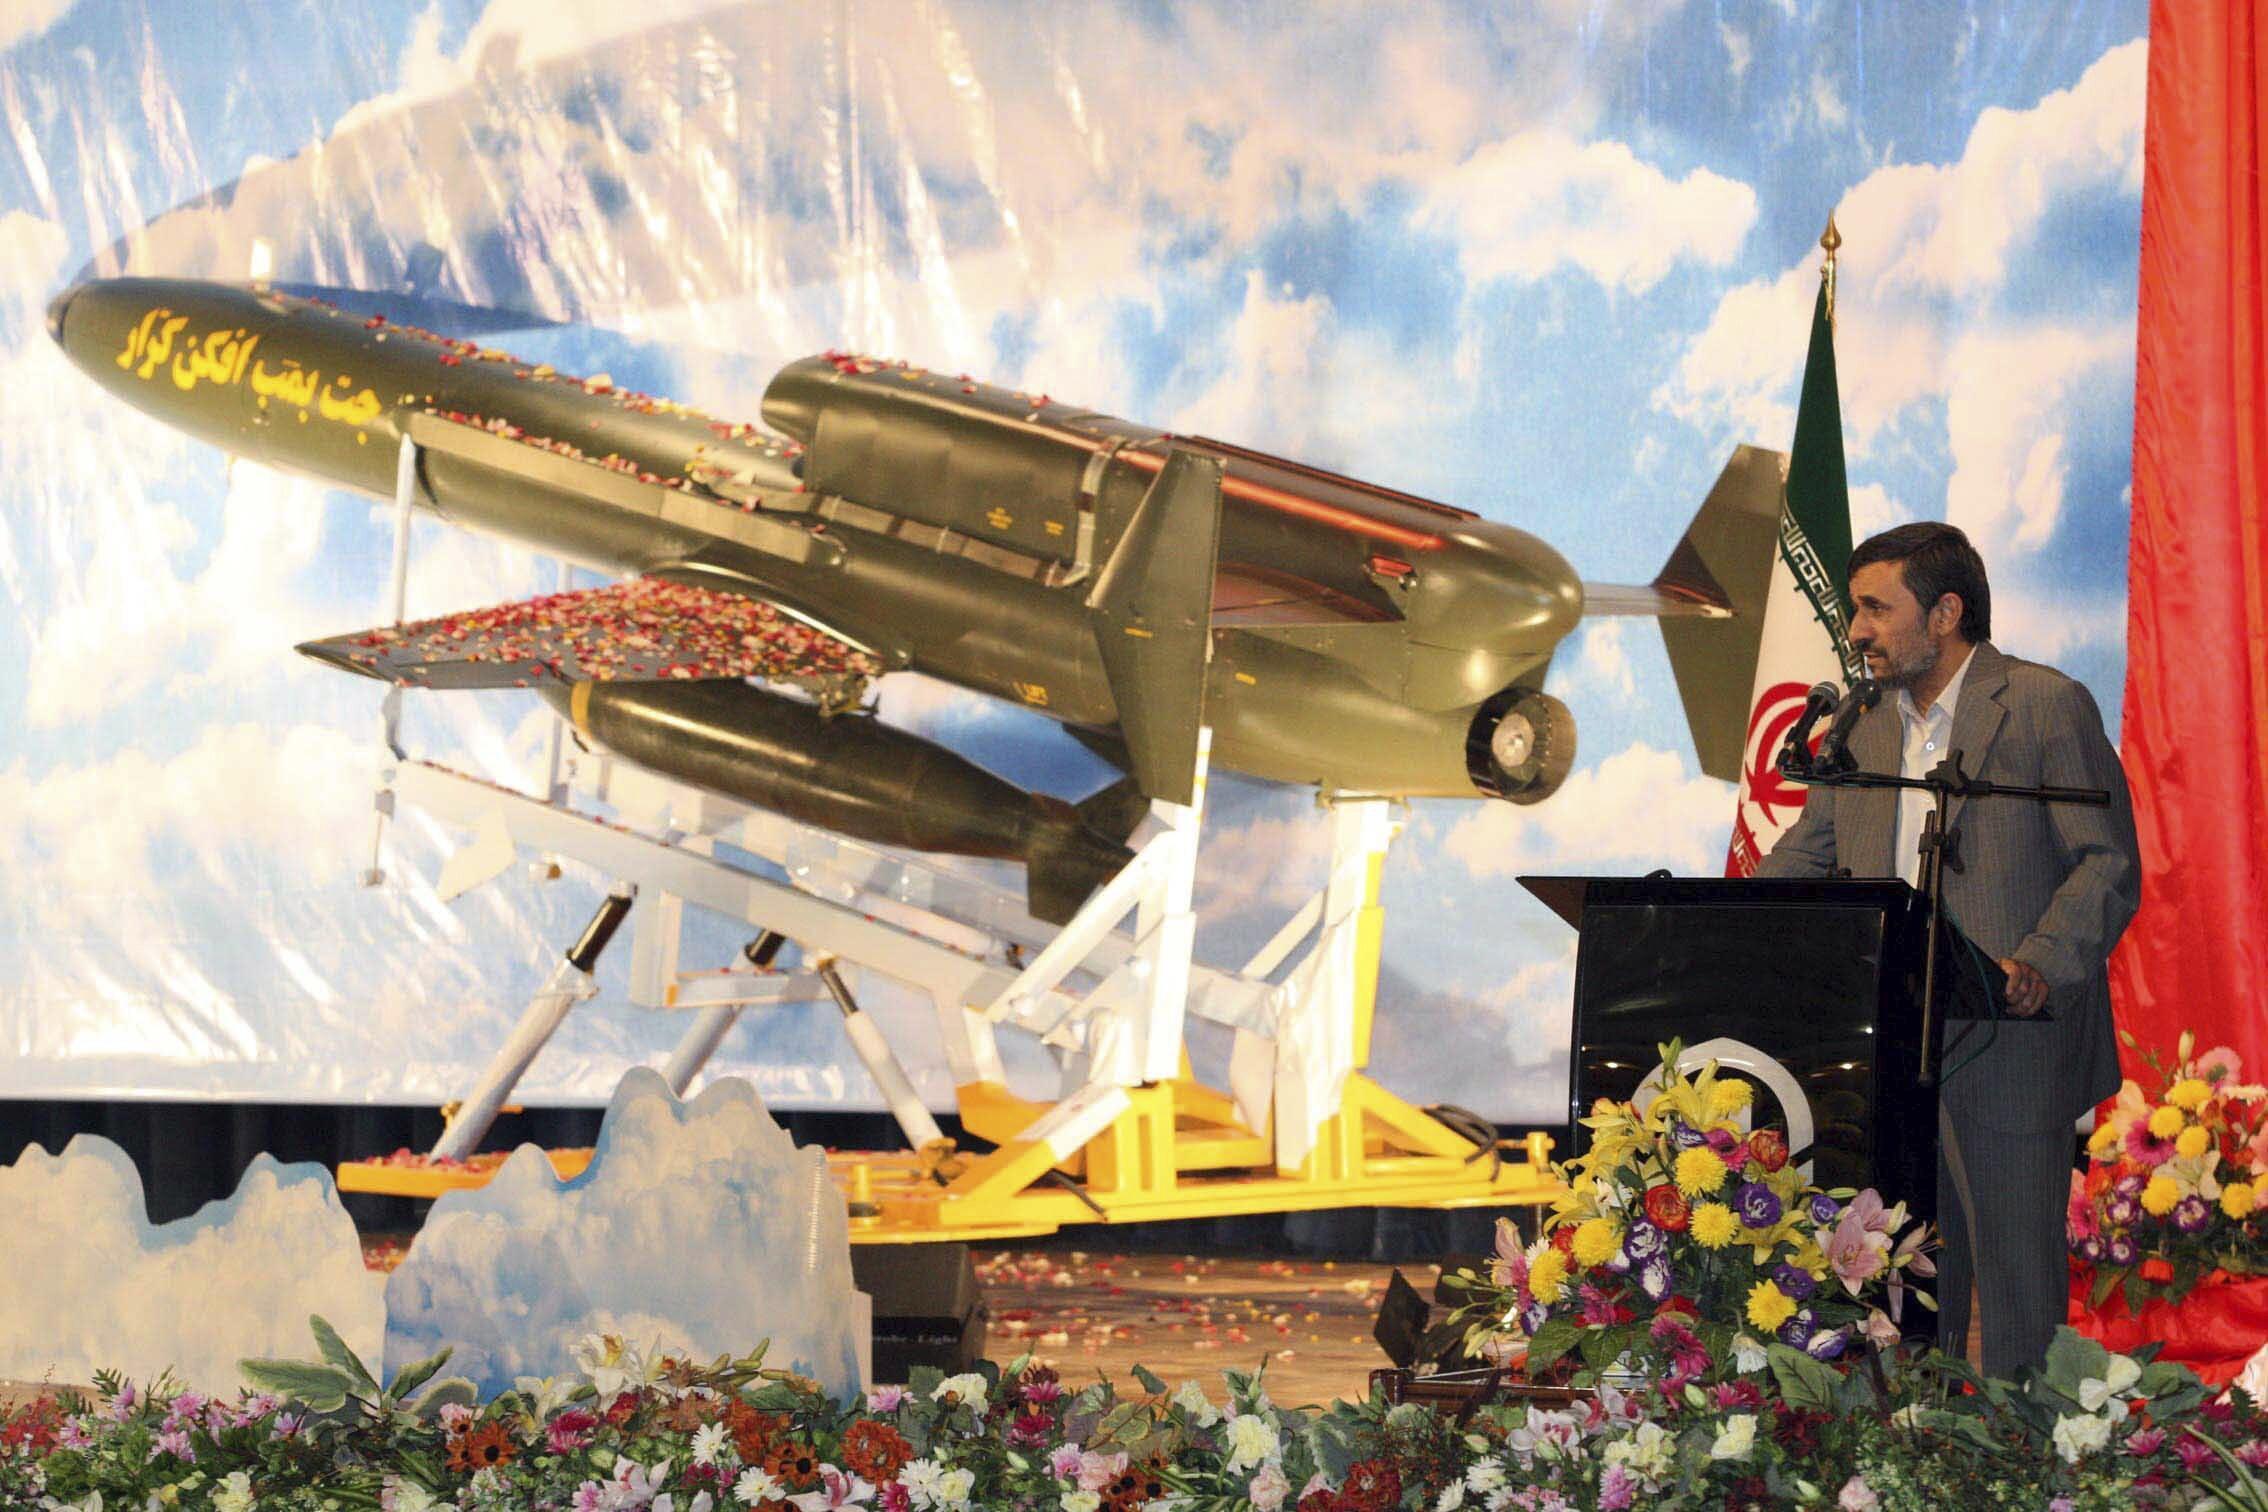 ការបង្ហាញយន្តហោះដ្រូនឈ្មោះKarrar របស់អ៊ីរ៉ង់ ធ្វើសកម្មភាពបានចំងាយឆ្ងាយ ក្រោមអធិបតីភាពរបស់អតីតប្រធានាធិបតី Mahmoud Ahmadinejad ក្នុងខែសីហា ឆ្នាំ២០១០